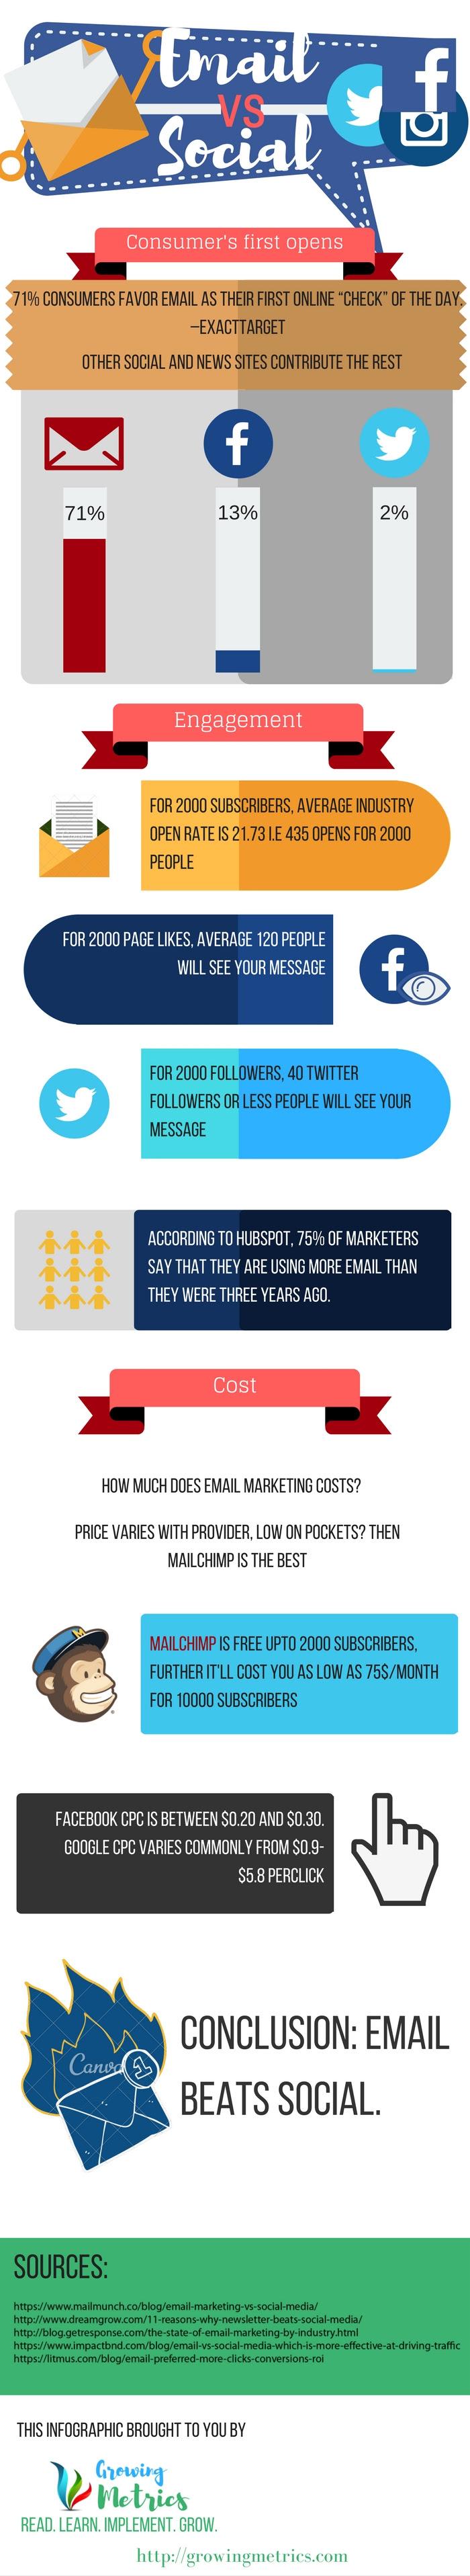 Email vs Social Media in 2016